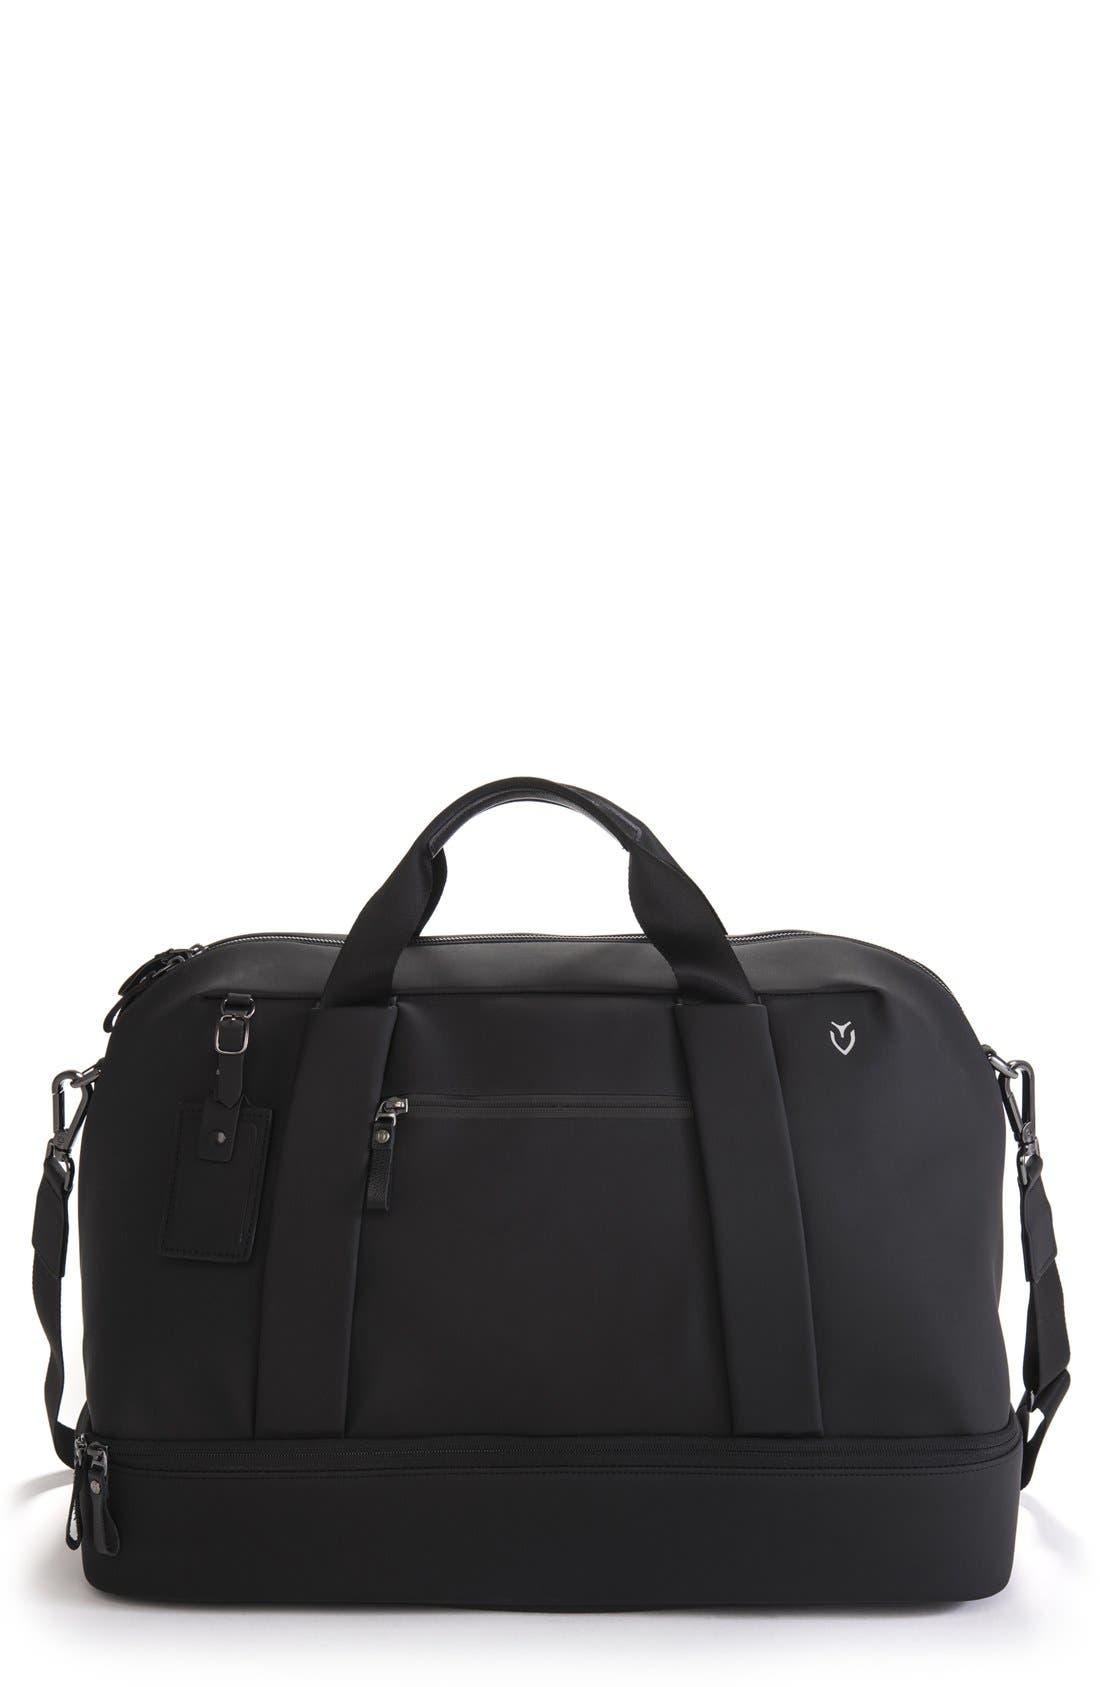 Signature Large Boston Duffel Bag,                         Main,                         color, MATTE BLACK